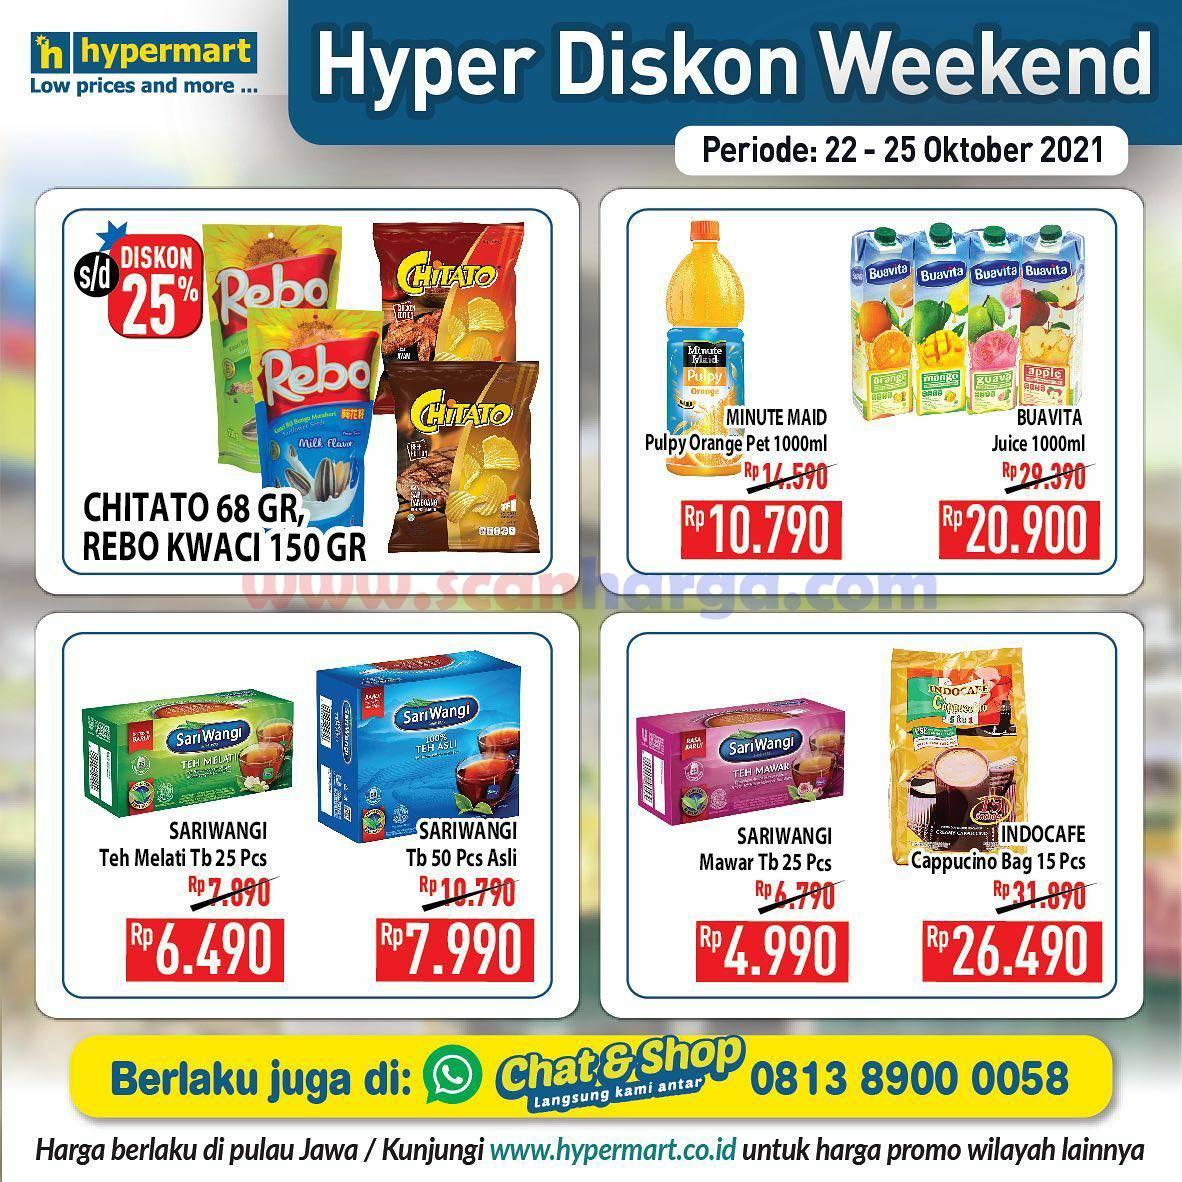 Promo Hypermart Weekend Terbaru 22 - 25 Oktober 2021 5